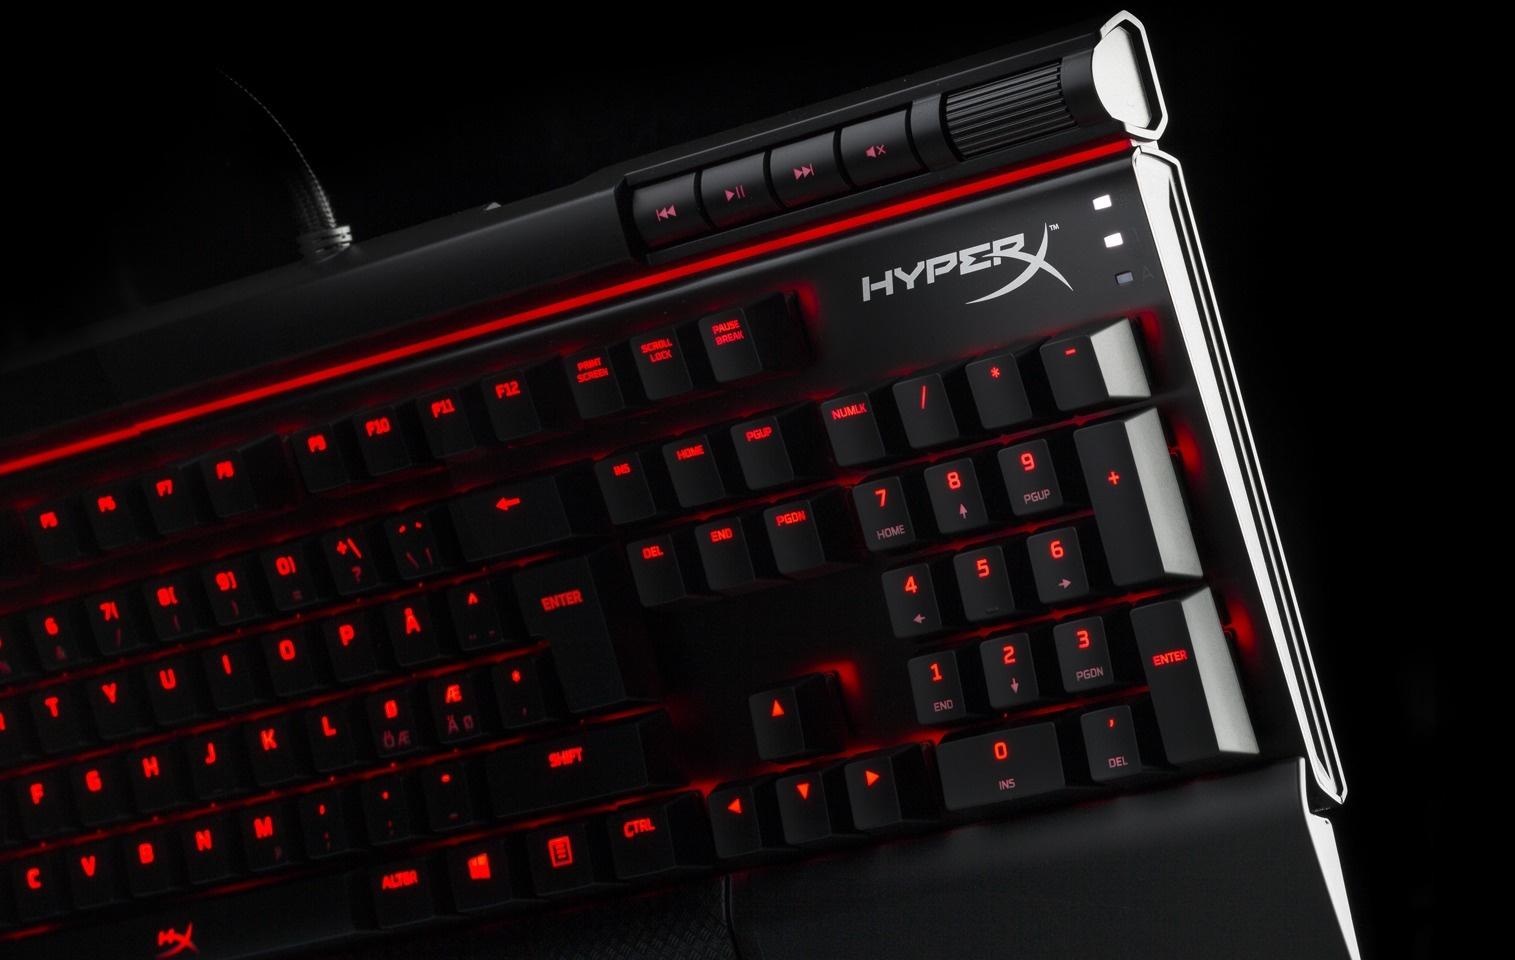 Новые механические клавиатуры HyperX Alloy Elite и Alloy FPS Pro: вам спорт или комфорт?